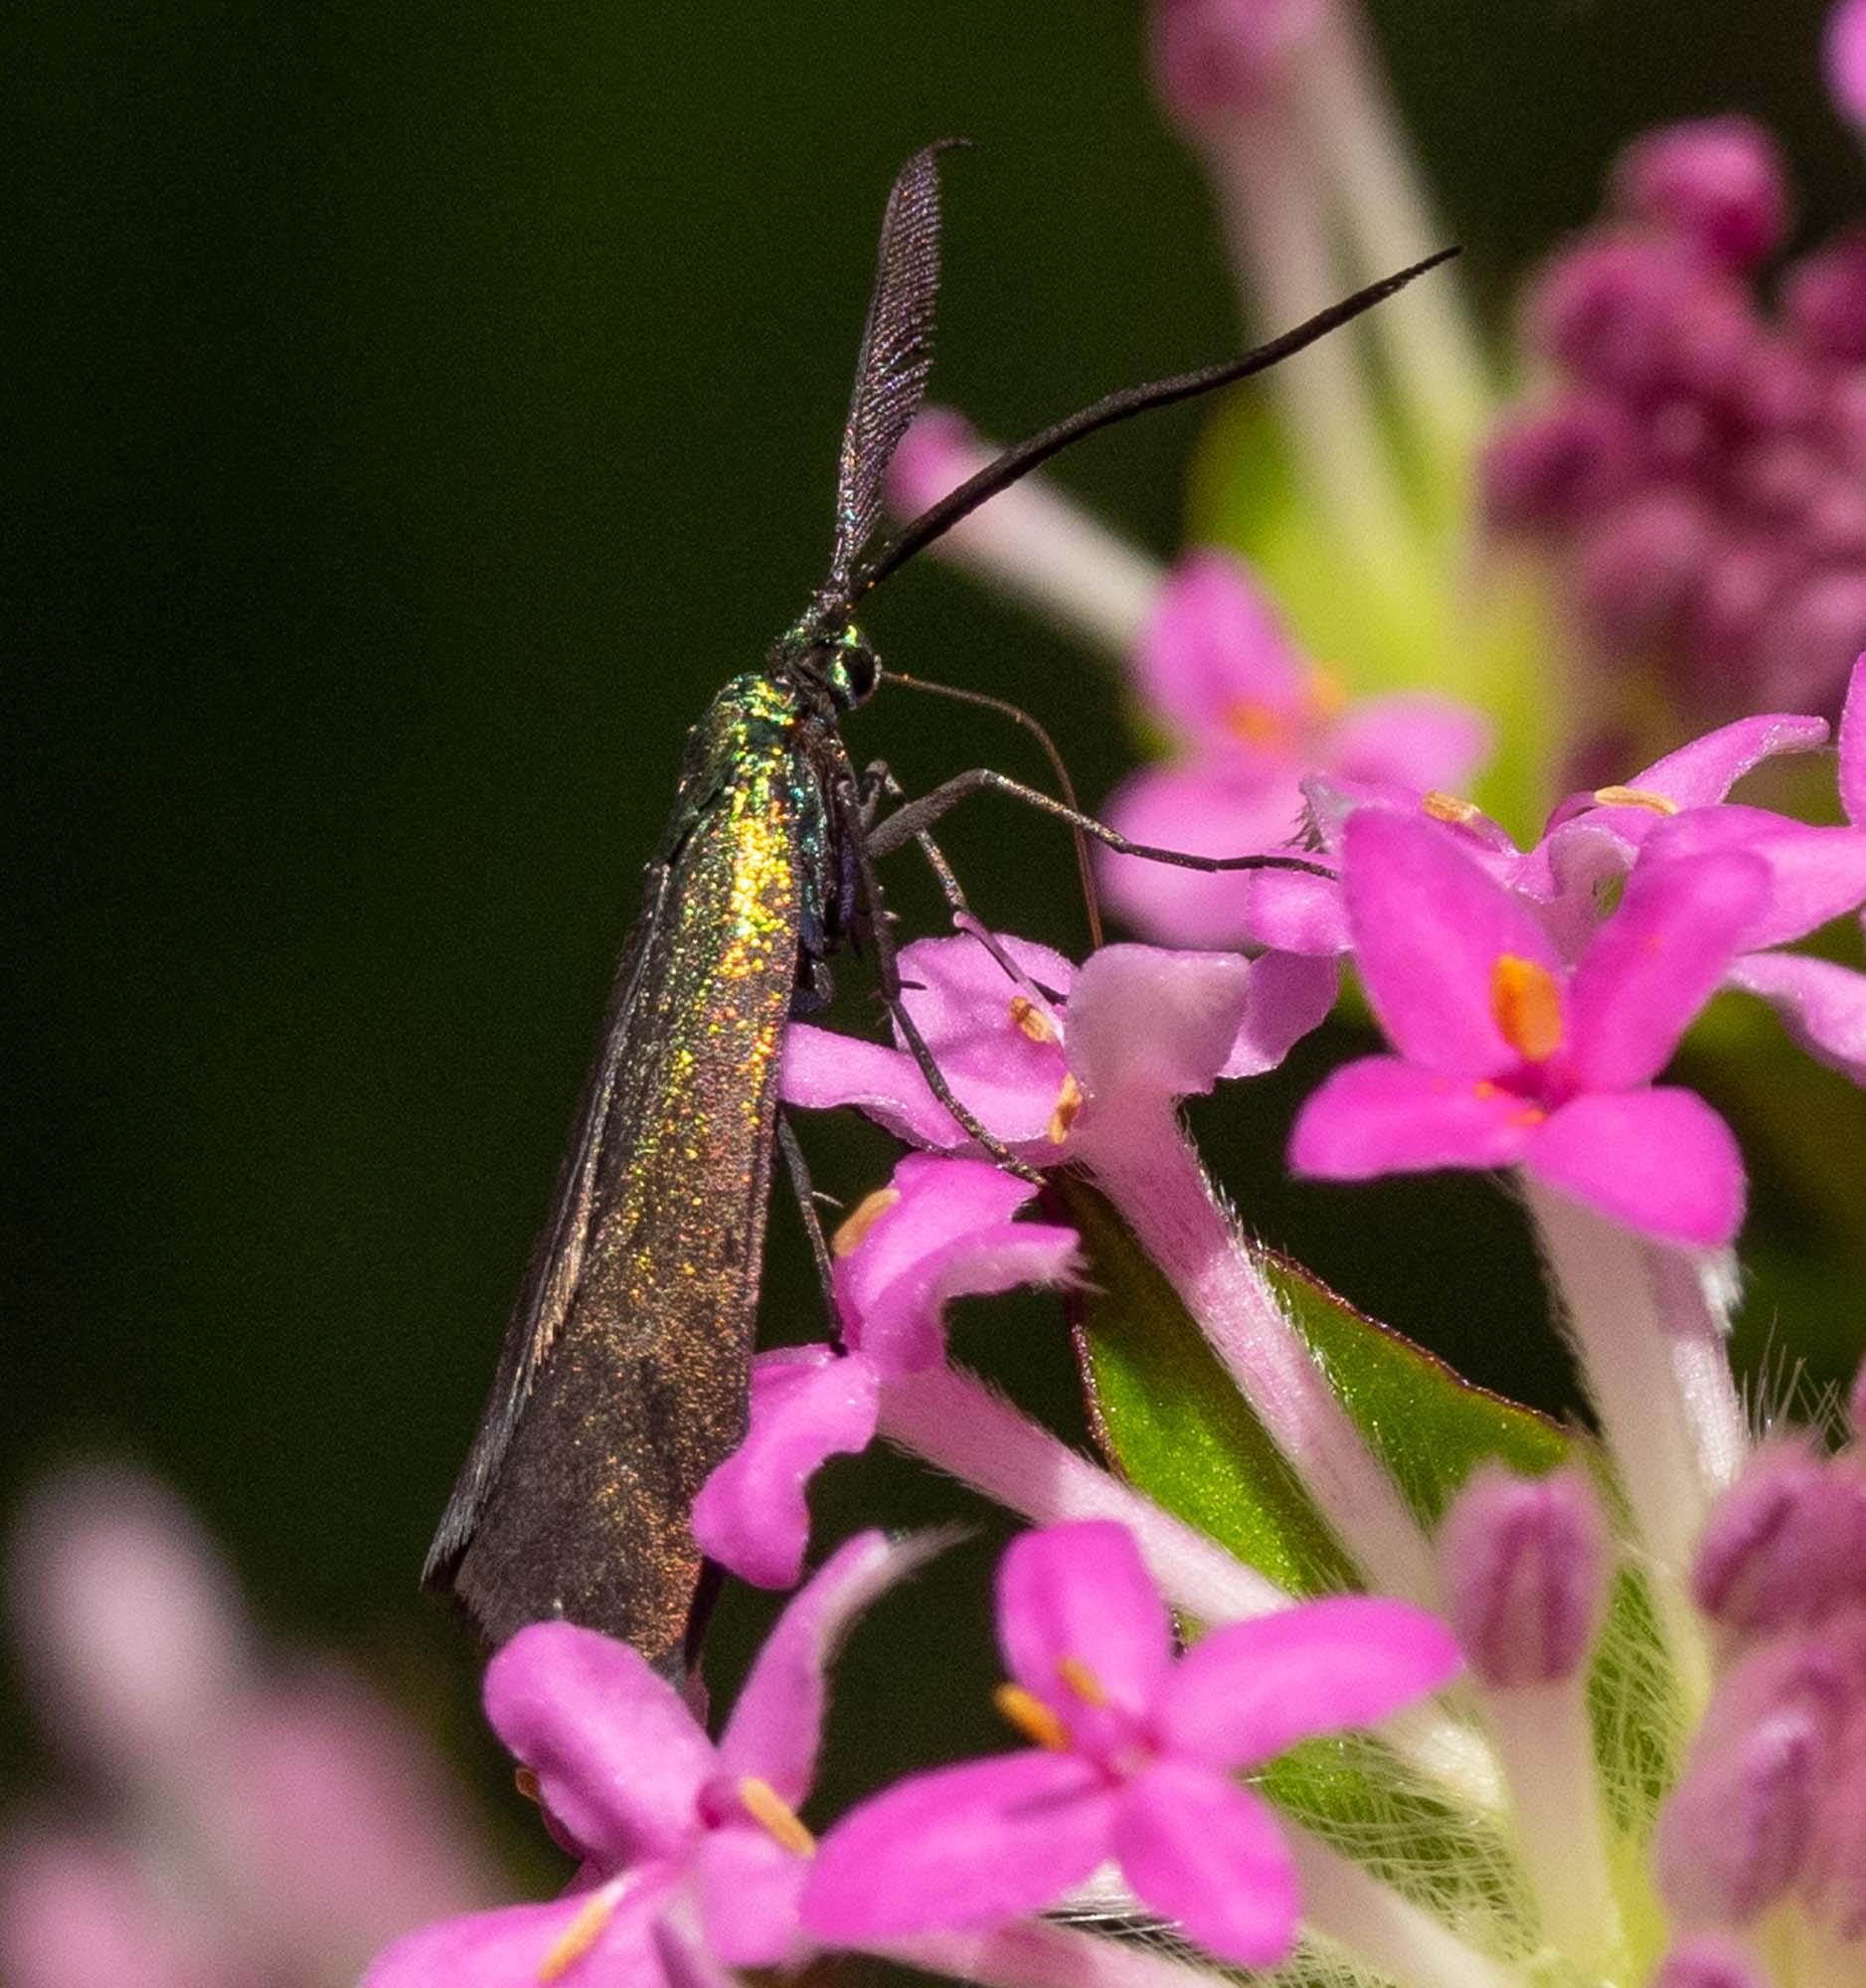 these darkly metallic moths were everywhere